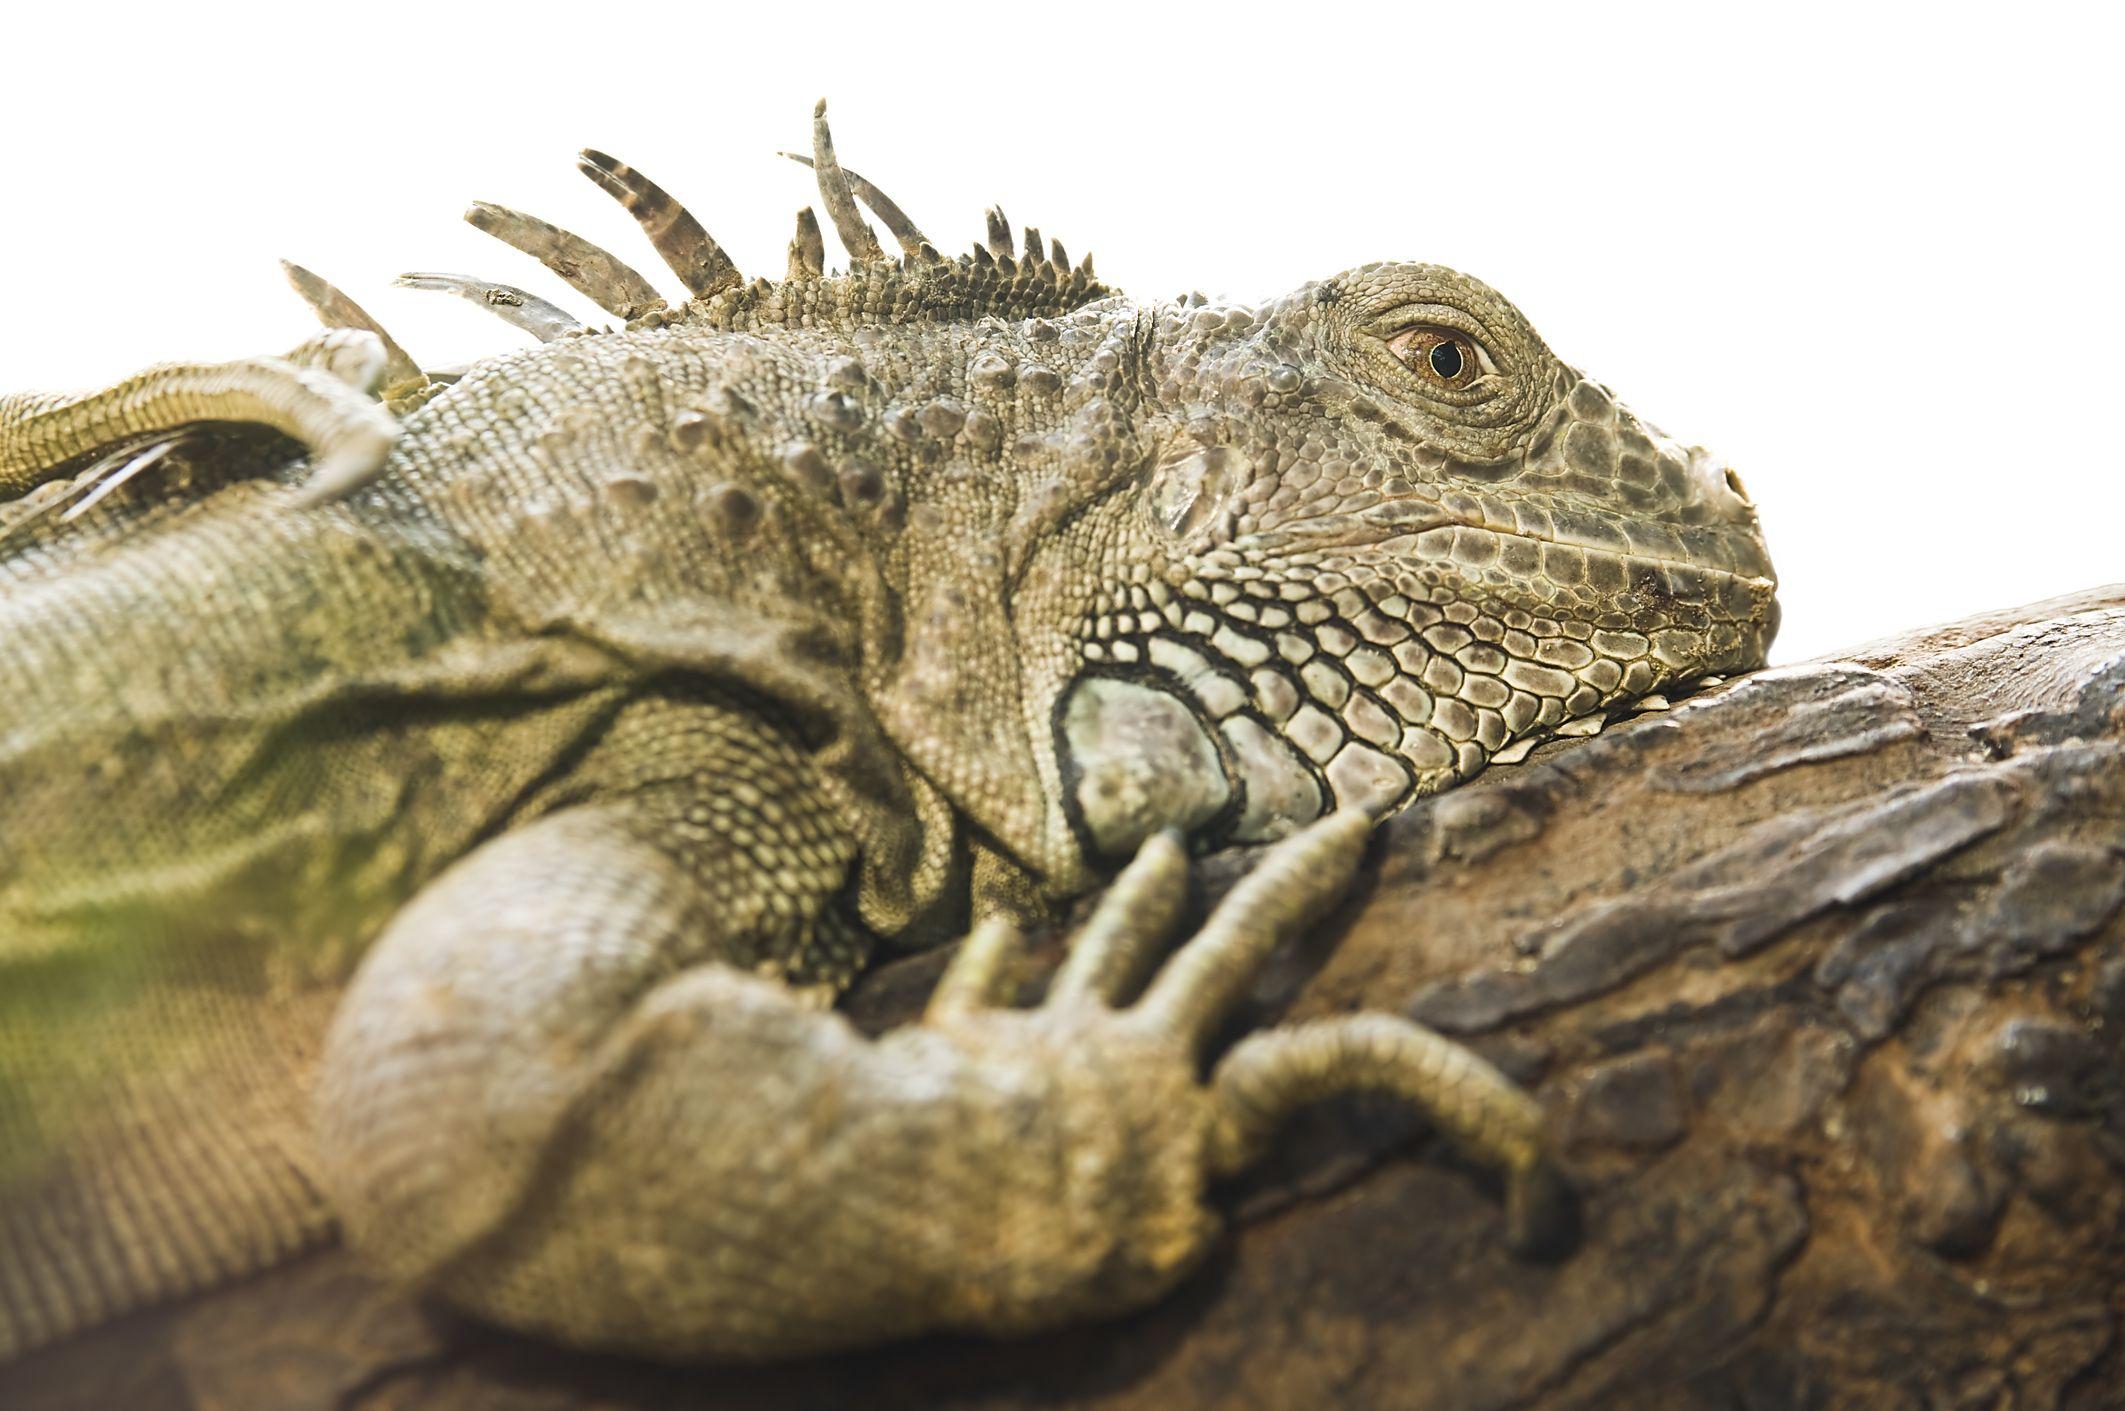 iguana-istock